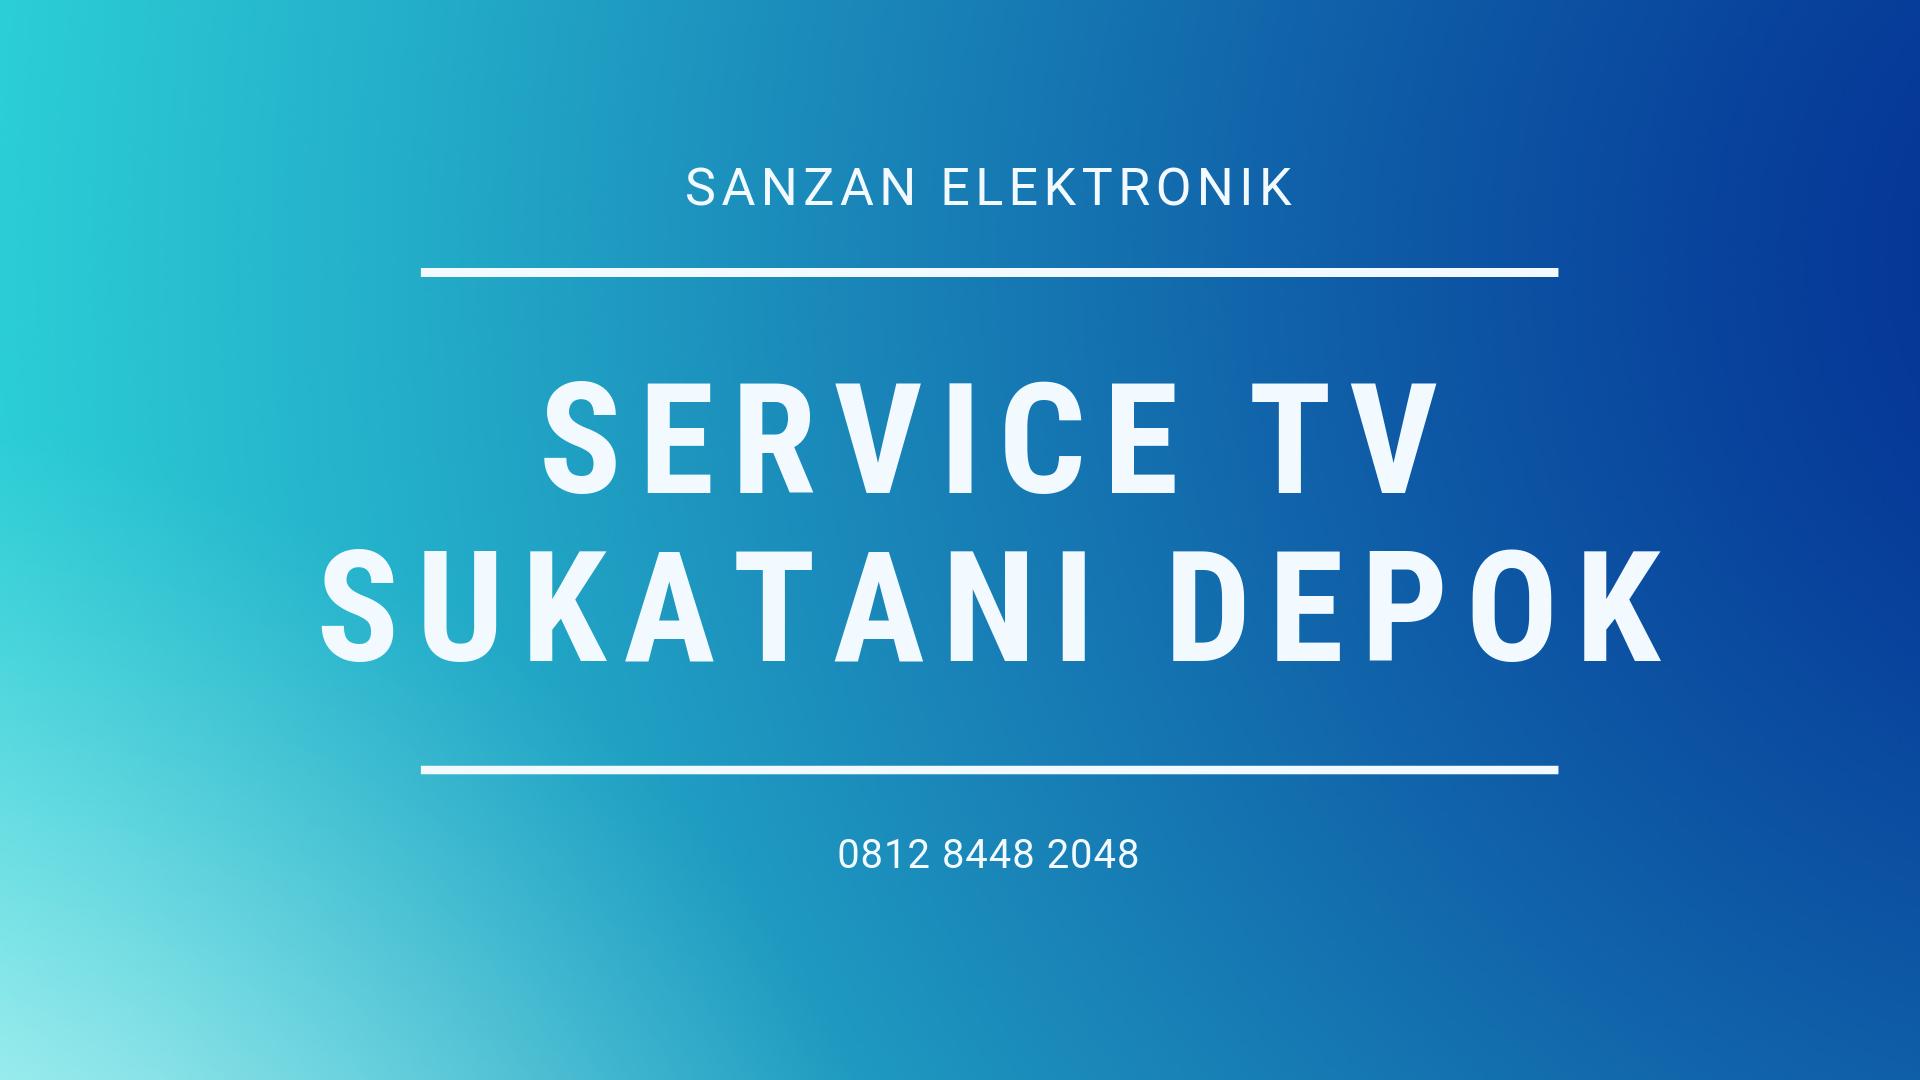 Service TV Sukatani Depok